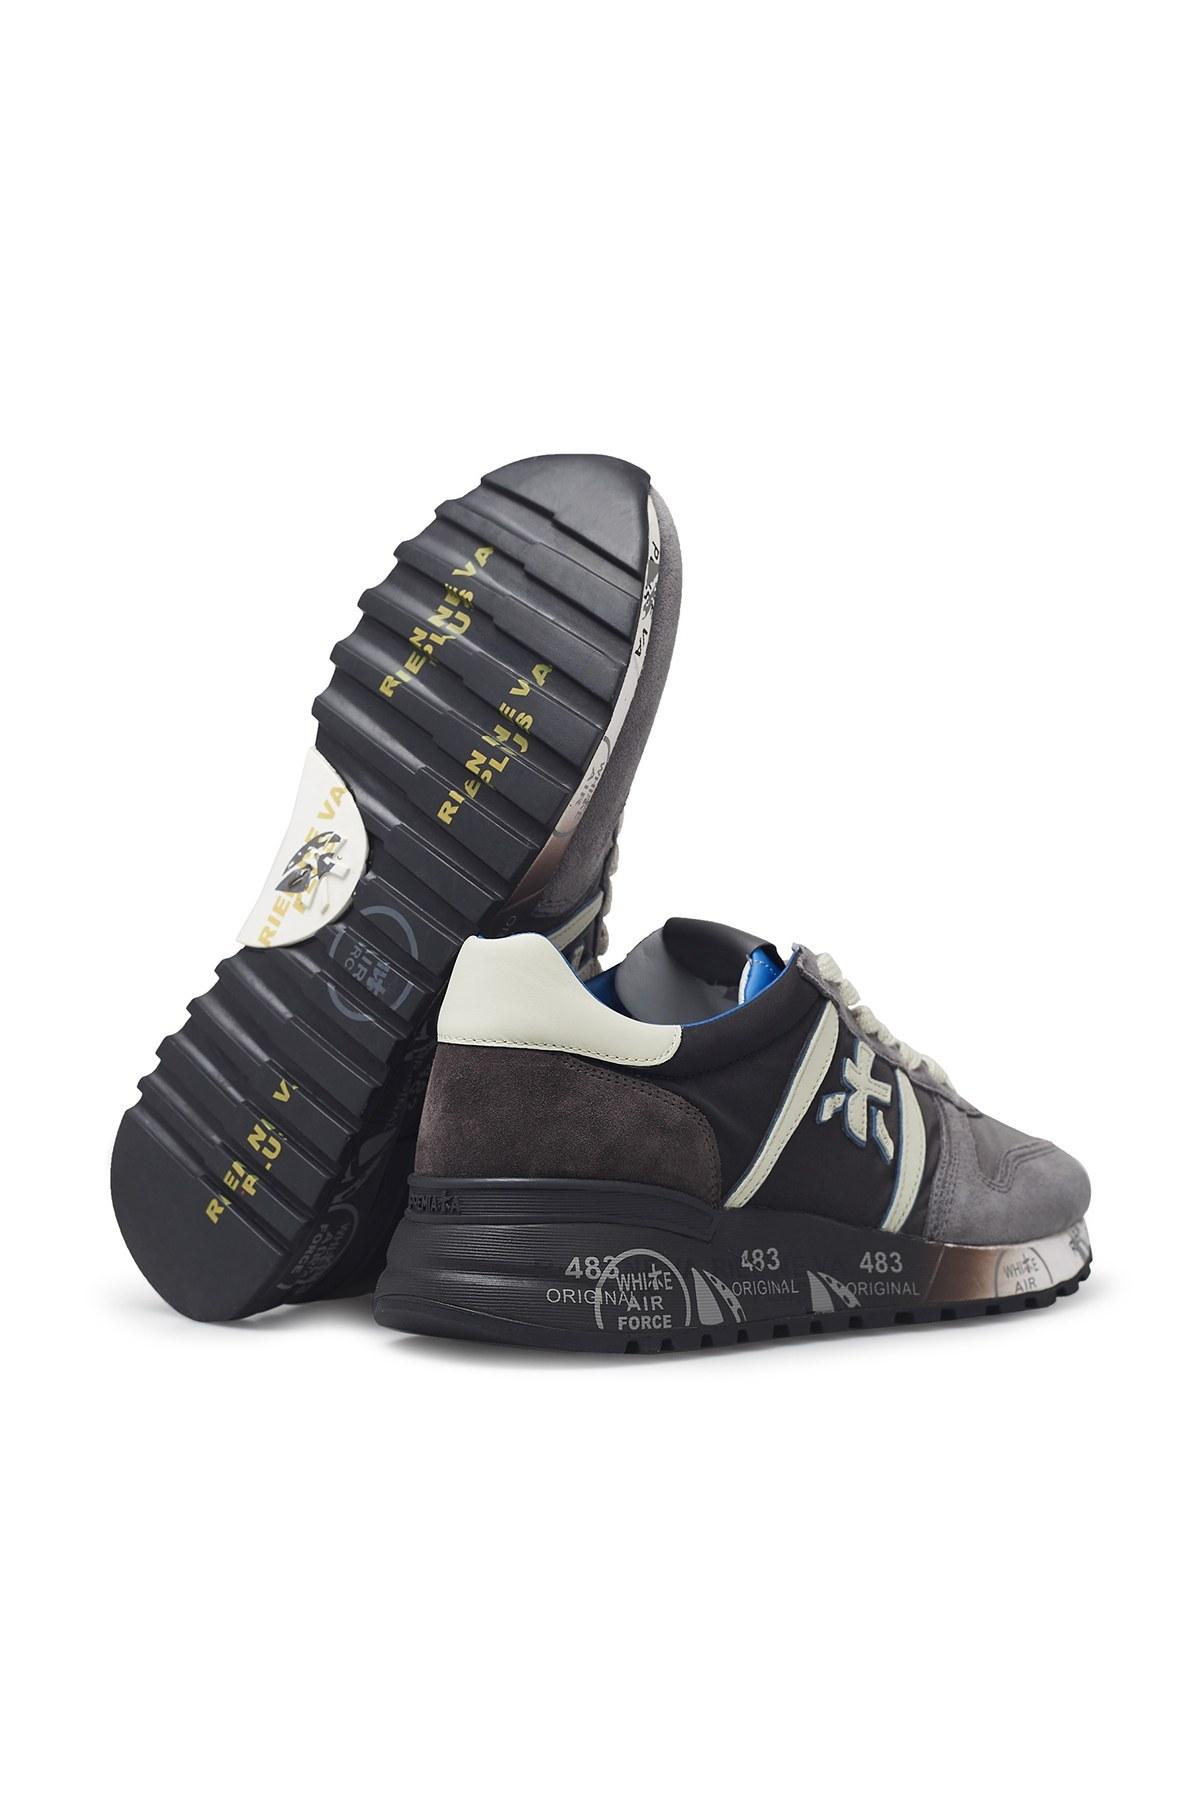 Premiata Baskılı Kalın Taban Deri Erkek Ayakkabı LANDER 4950 GRİ